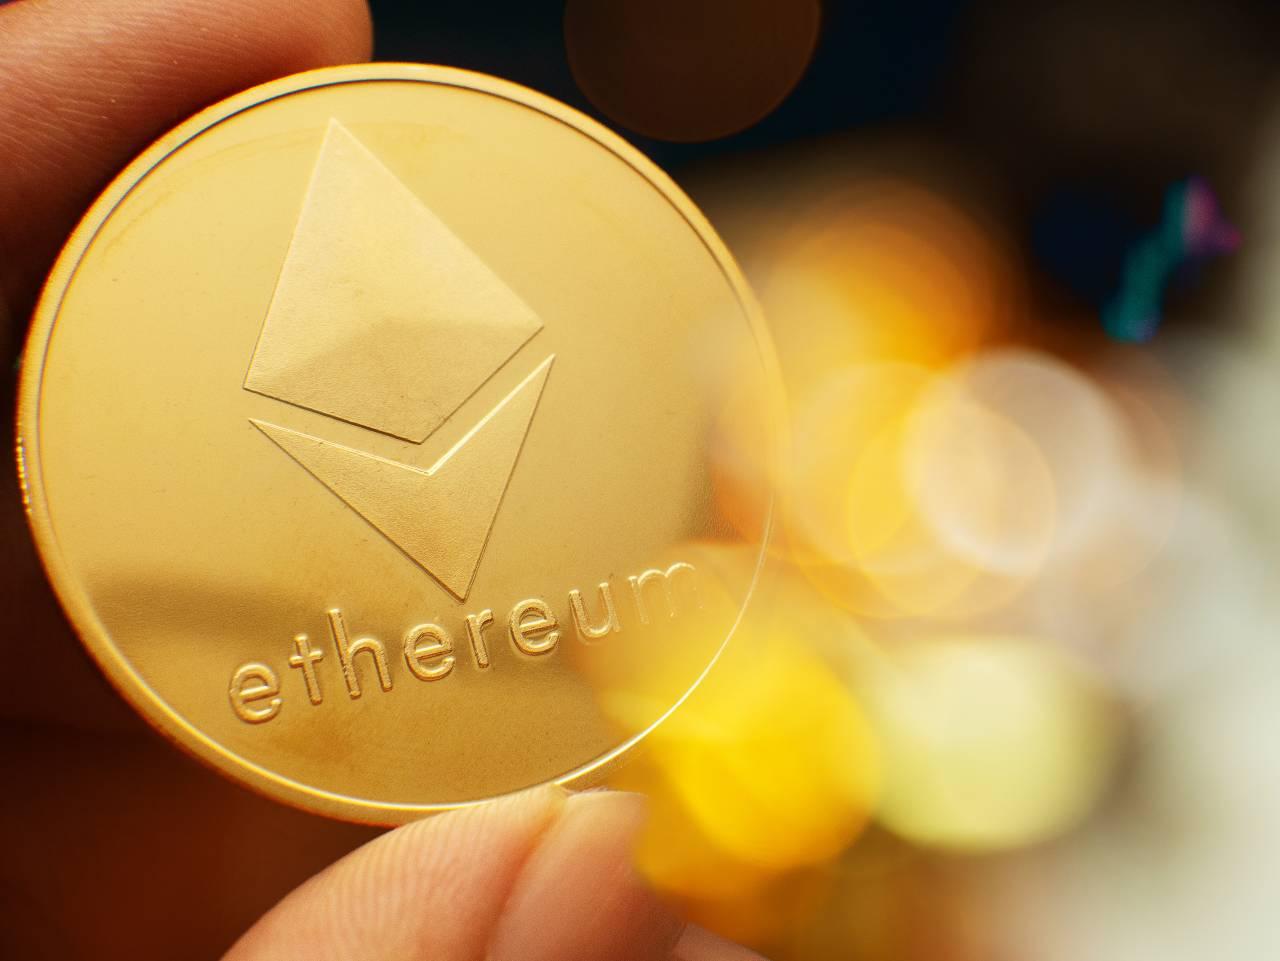 Ethereum sbalordisce: riesce a inseguire Bitcoin nella corsa verso la gloria